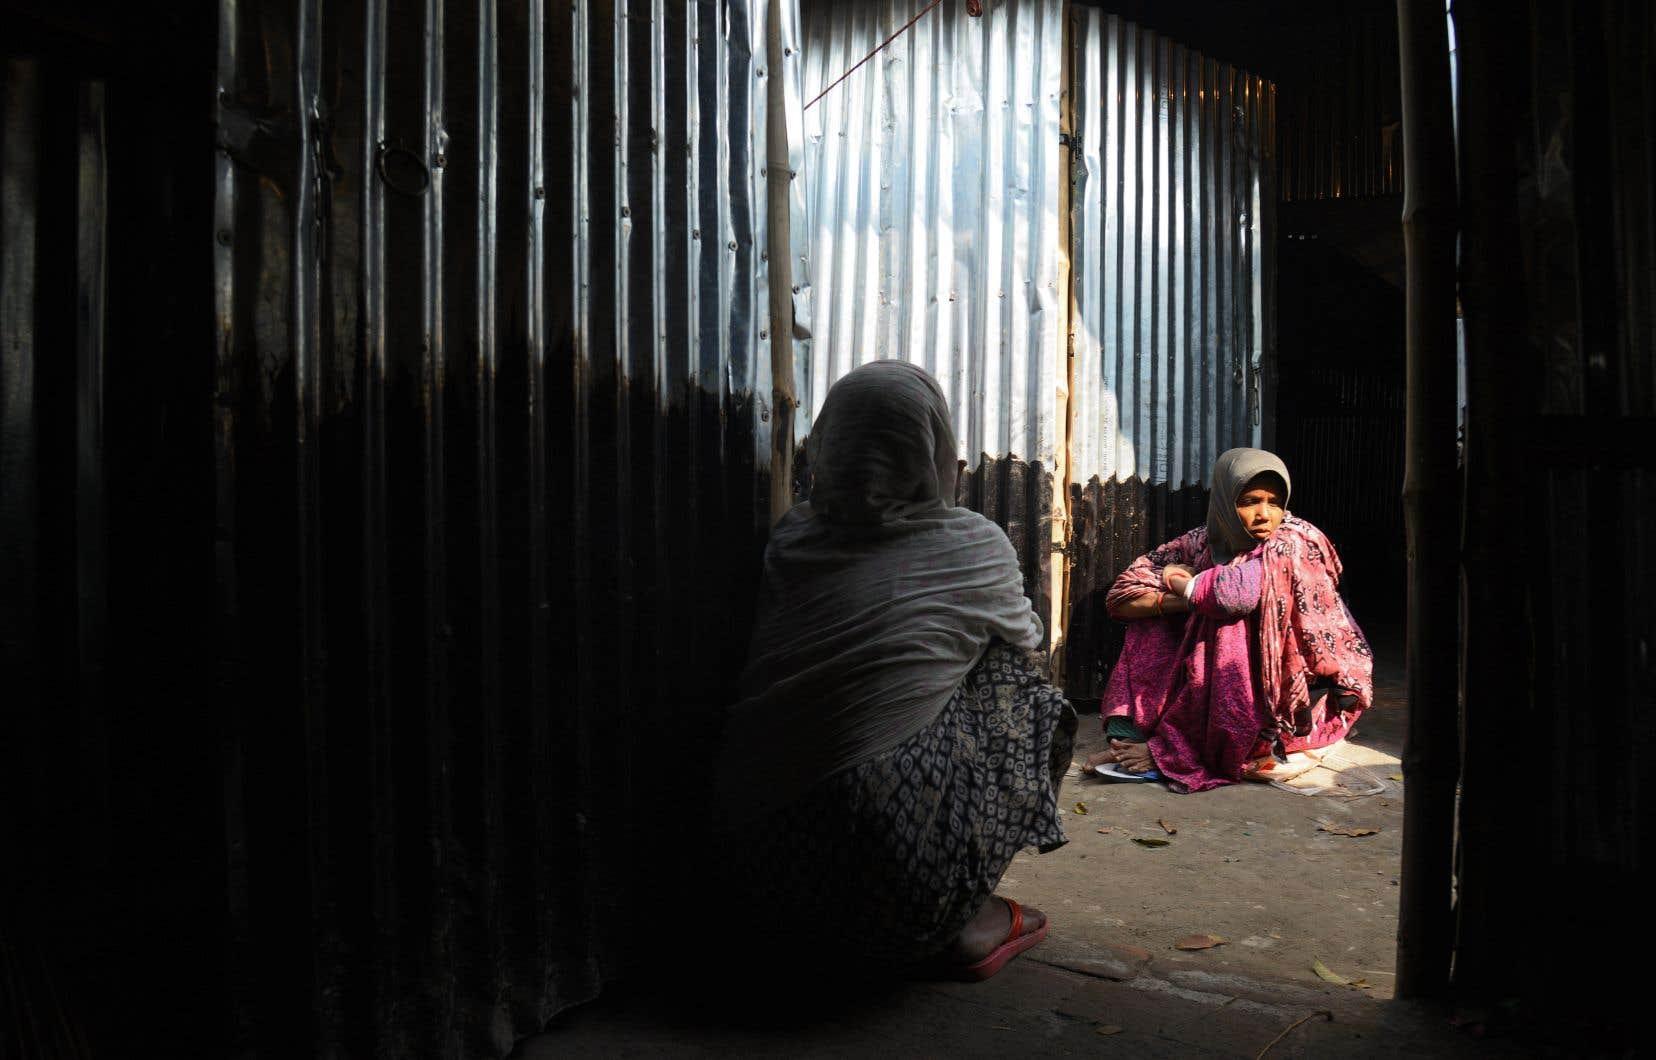 Selon l'ONU, 16000 Rohingyas se trouvent en Inde, mais beaucoup n'ont pas été recensés. New Delhi évalue leur nombre à 40000.